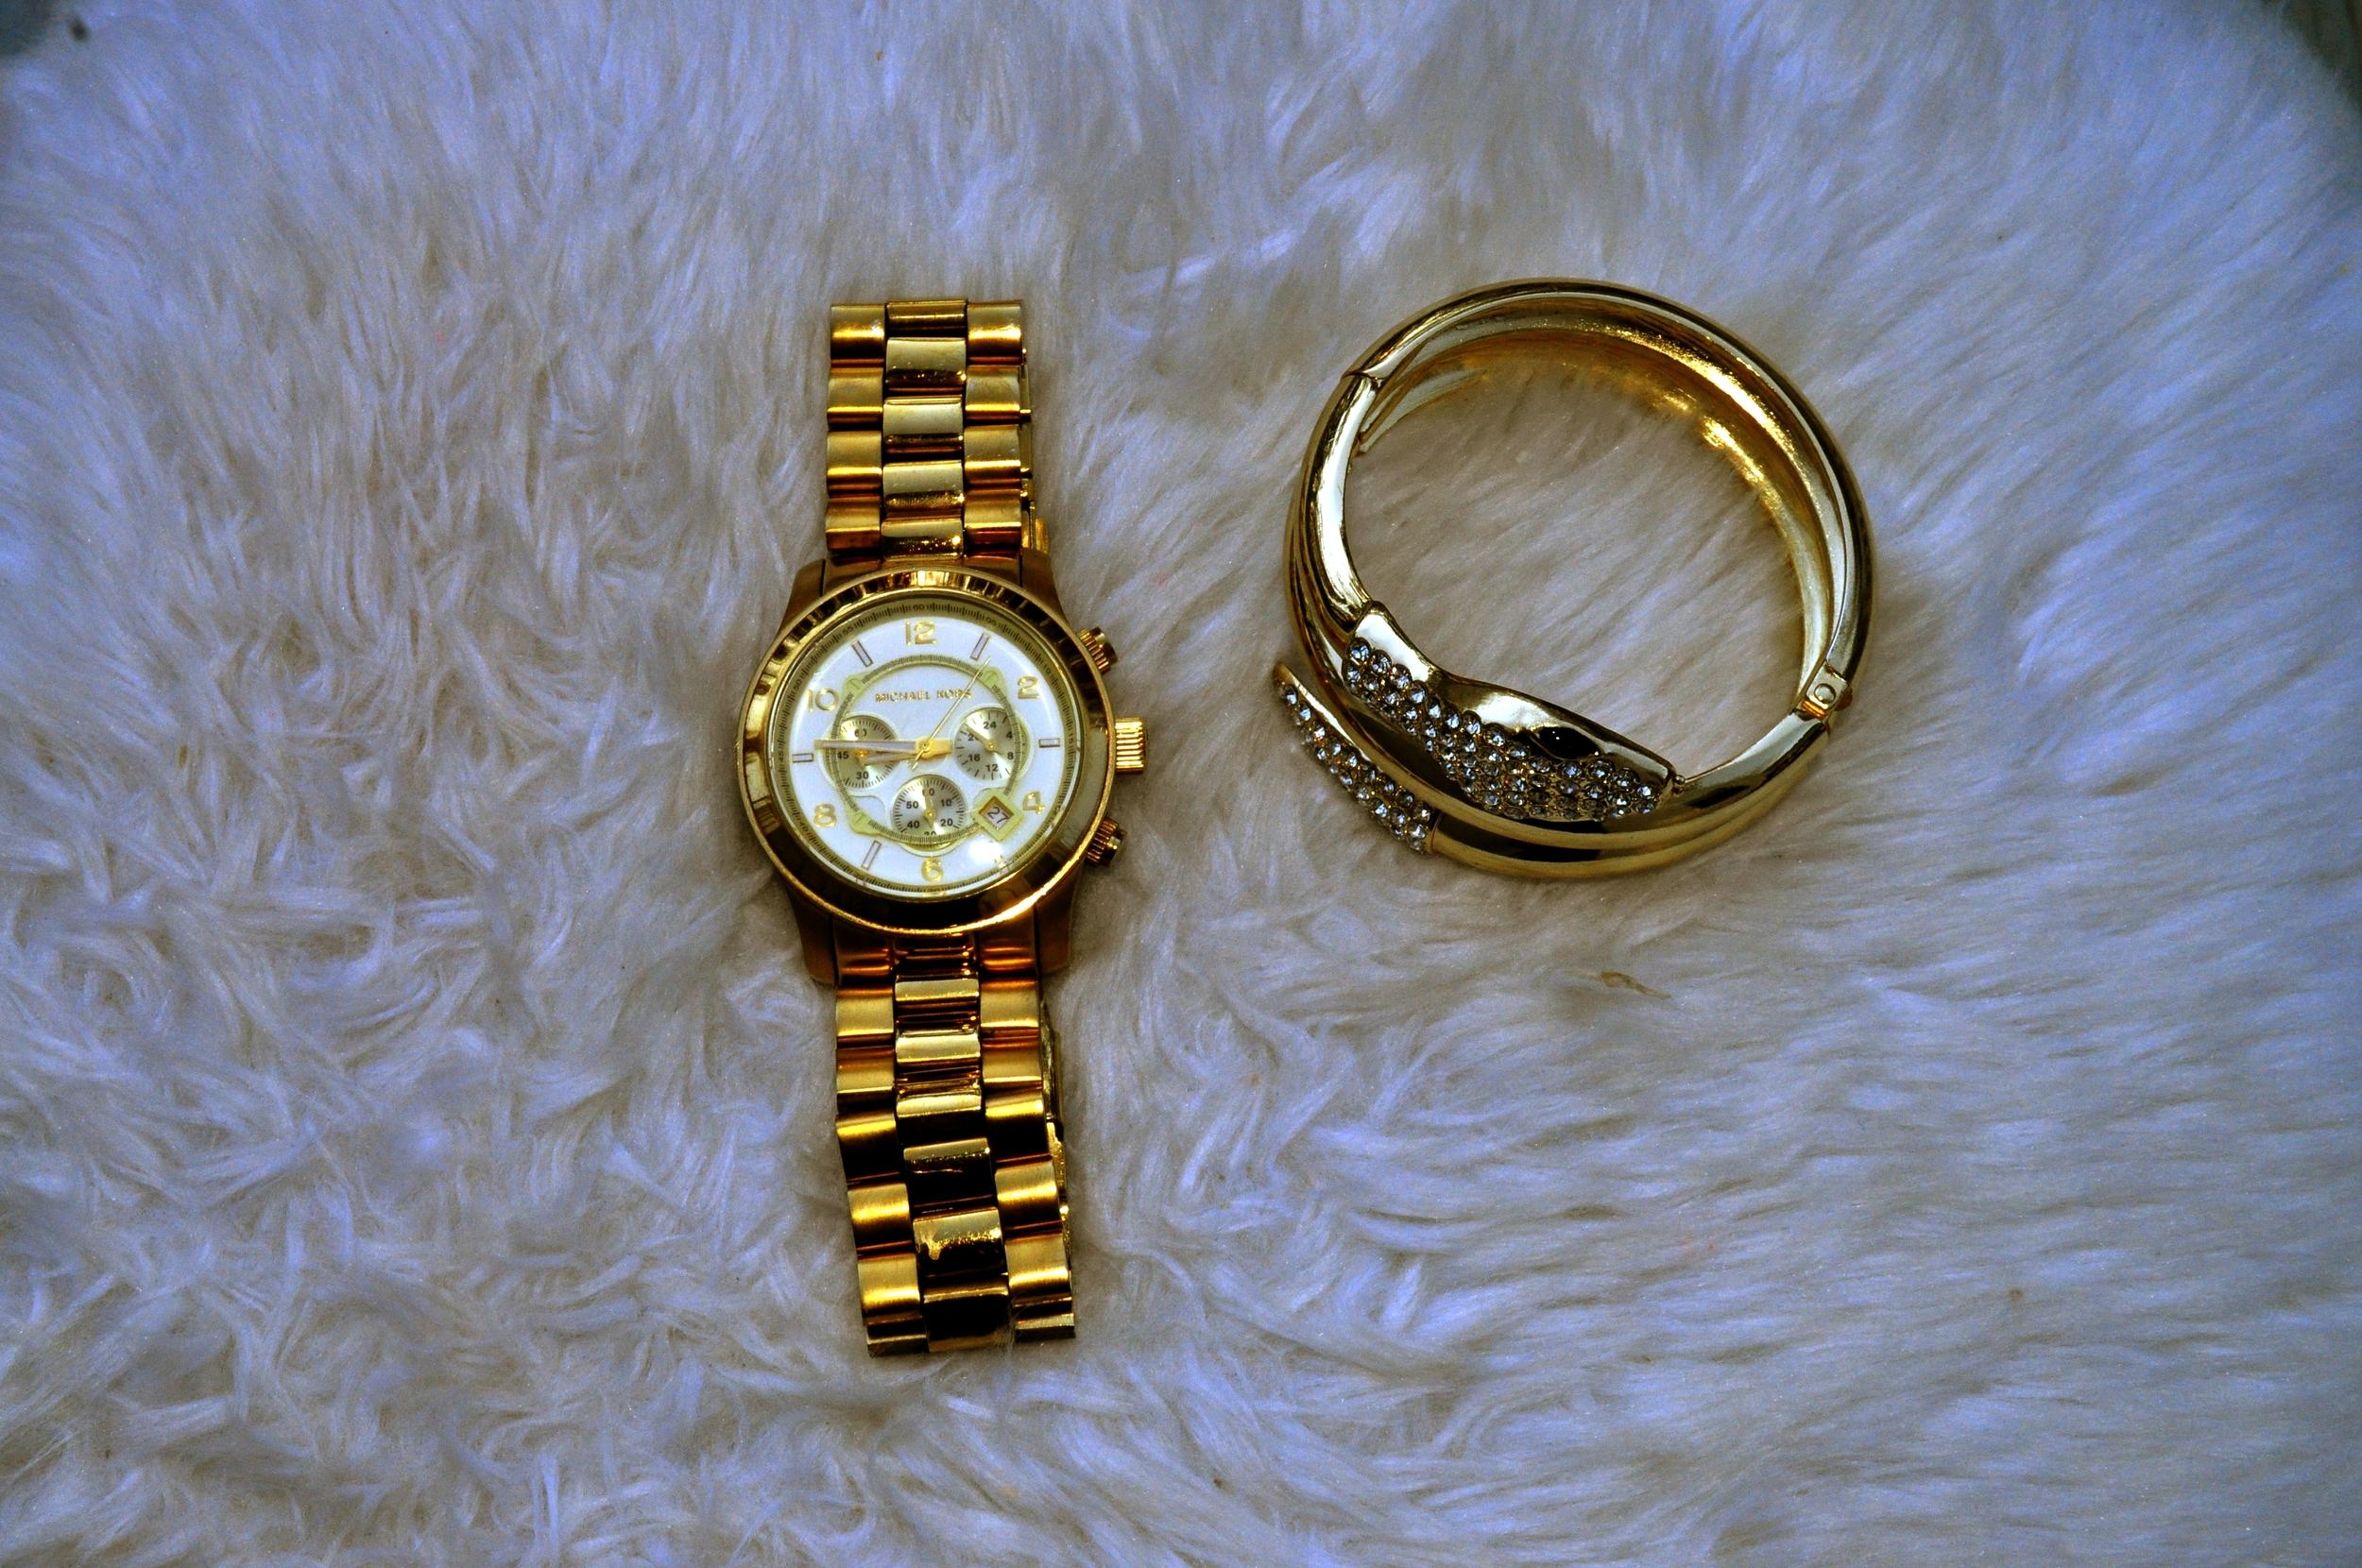 bracelets pic 2 REDO.jpg